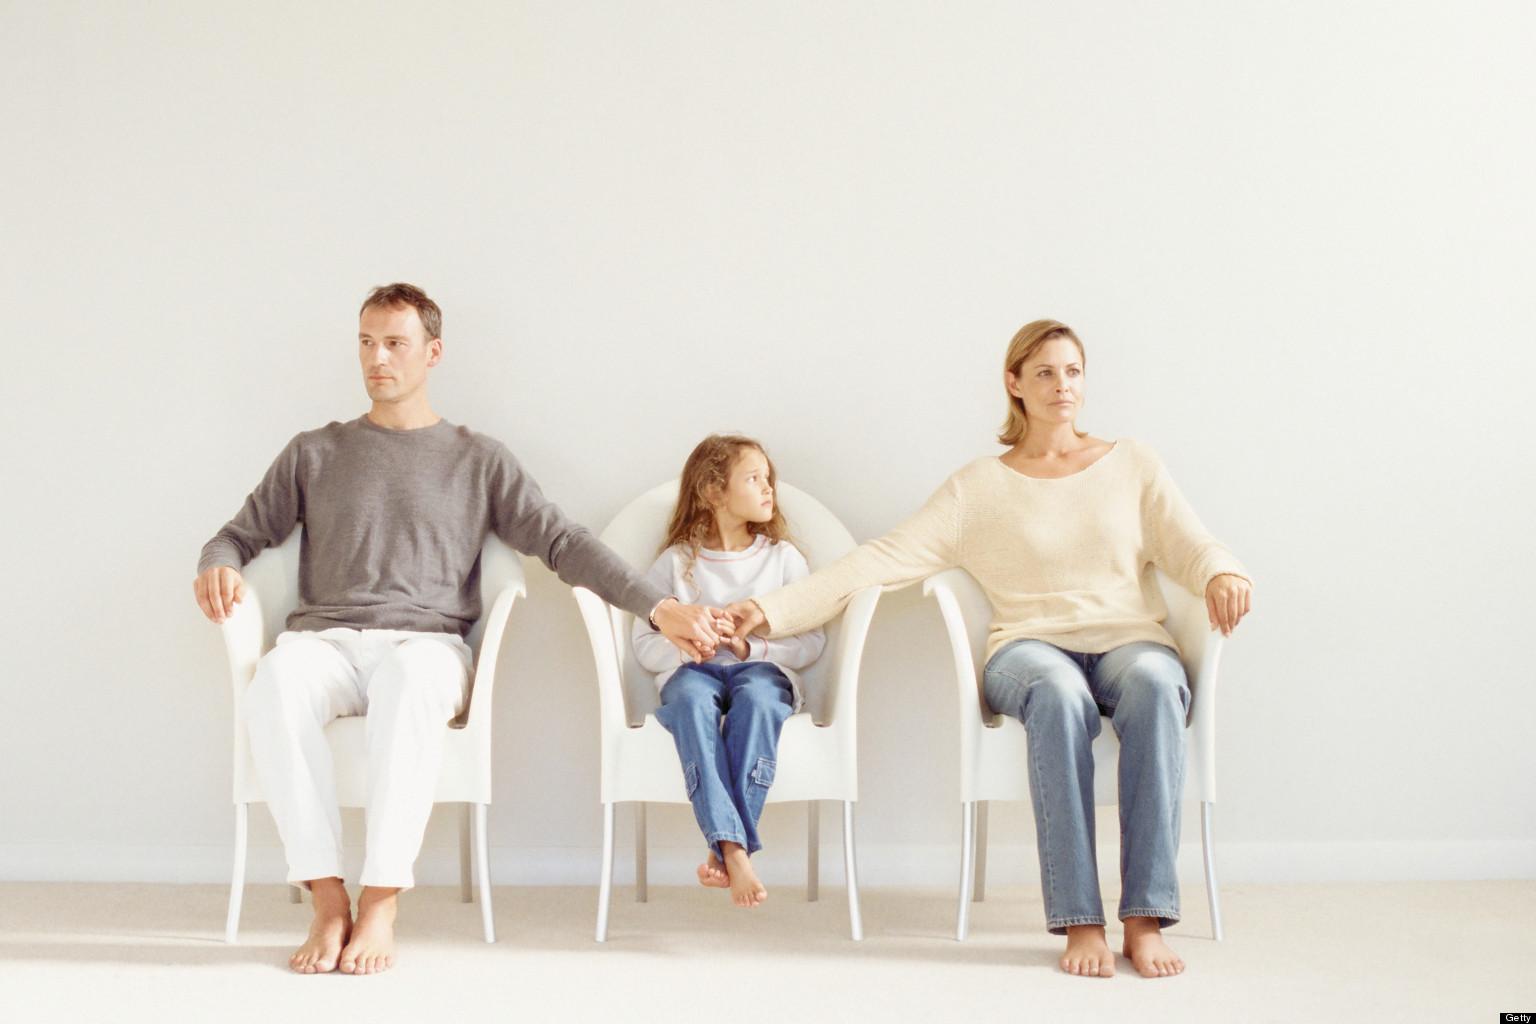 привык Брак в португалии развод и как воспитывают детей стыдился